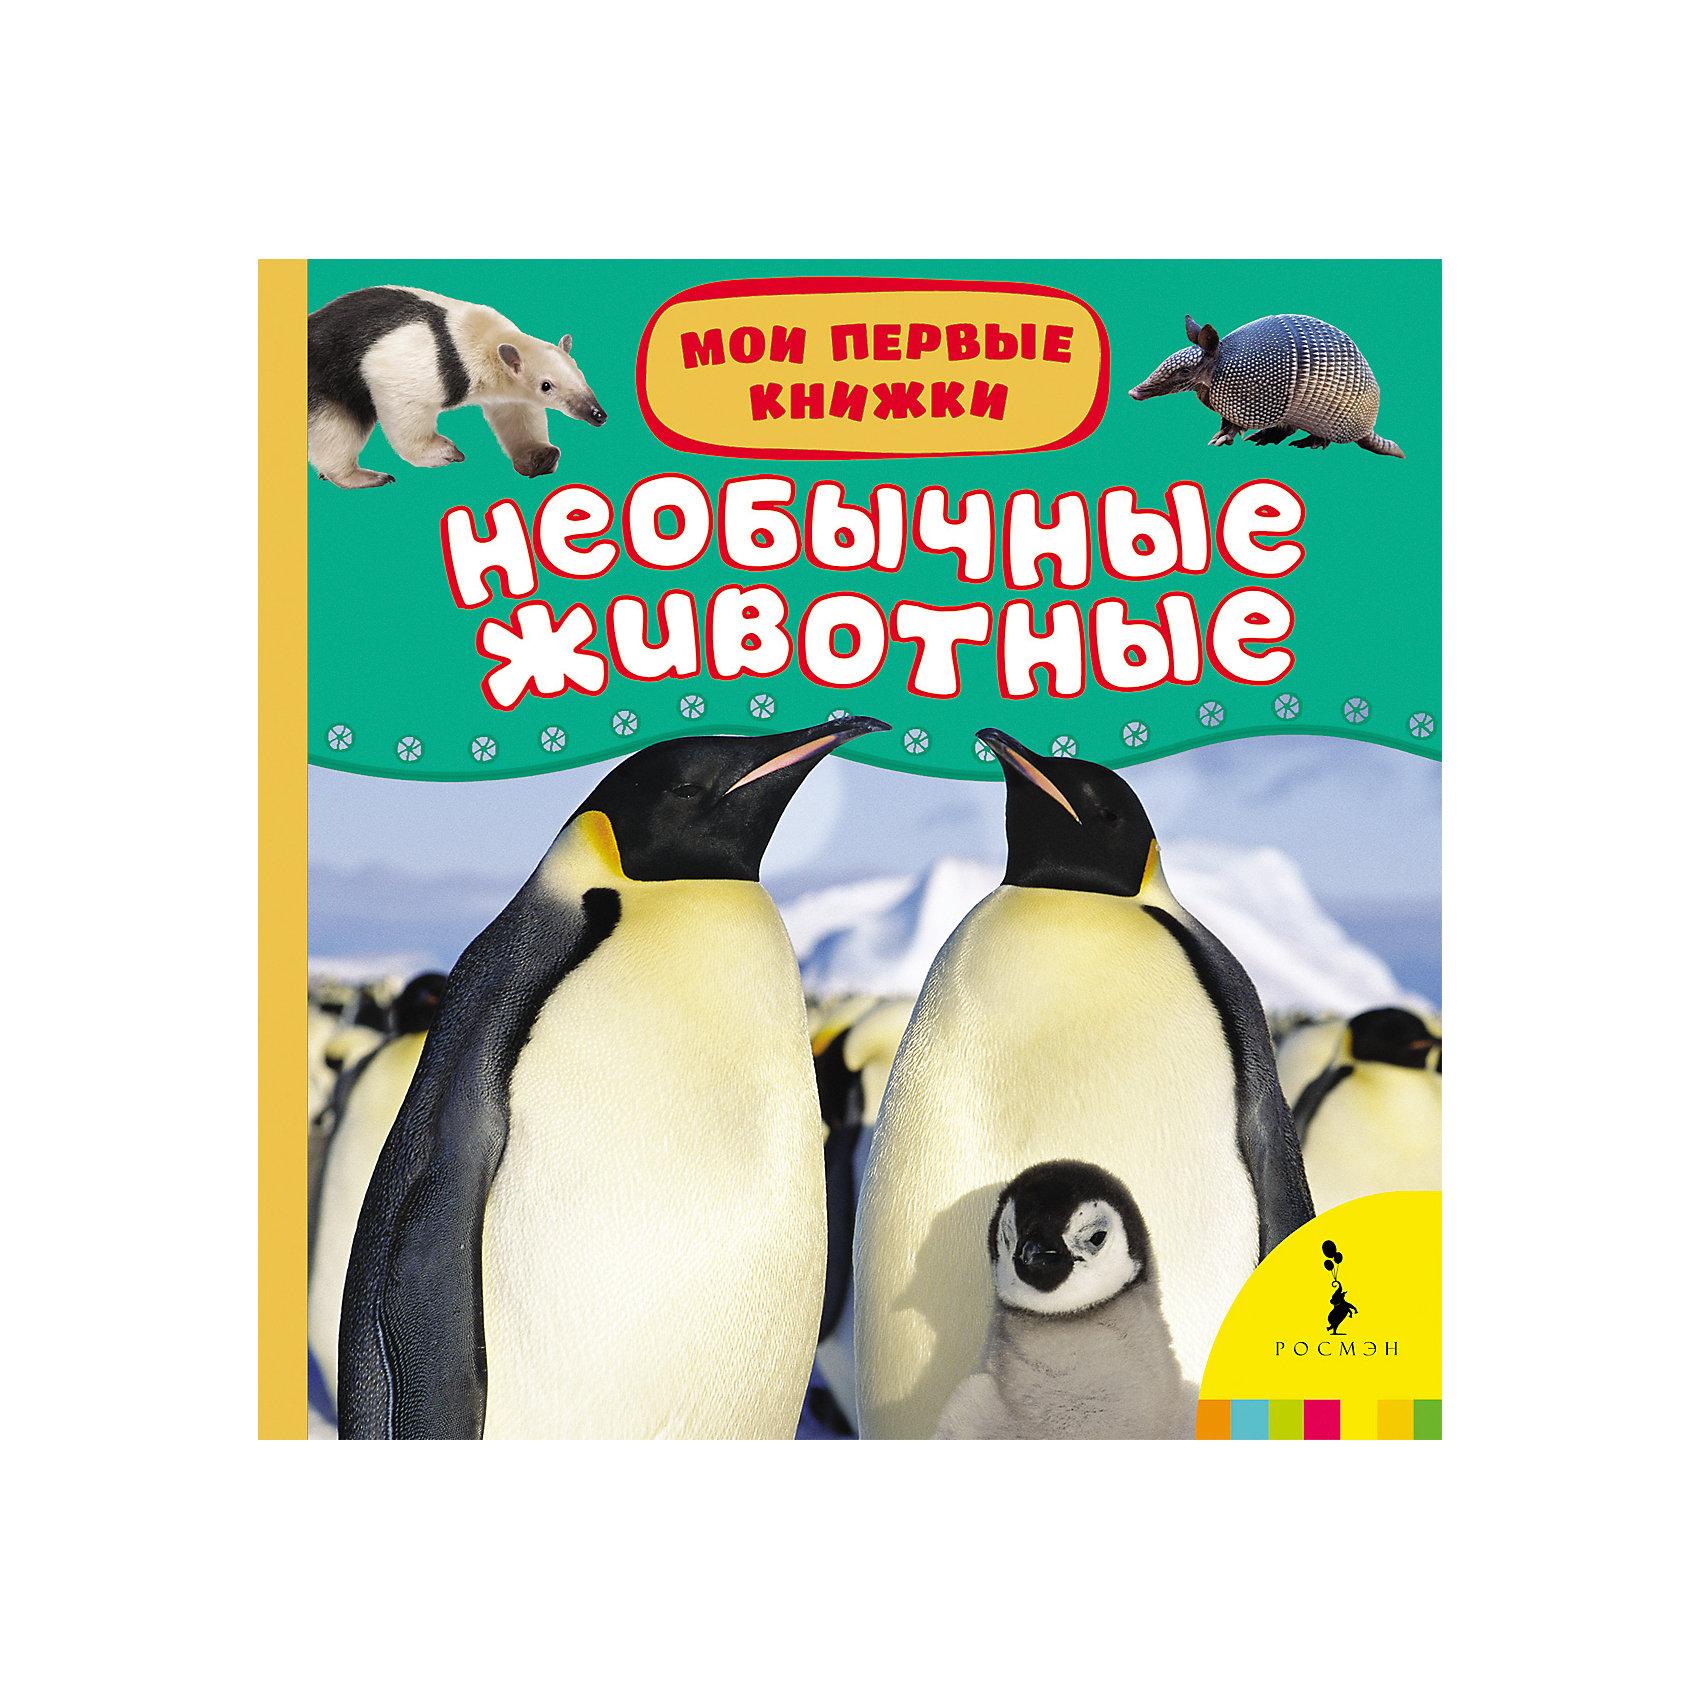 Мои первые книжки Необычные животныеРосмэн<br>Характеристики товара:<br><br>- цвет: разноцветный;<br>- материал: бумага;<br>- страниц: 14;<br>- формат: 17 х 17 см;<br>- обложка: картон;<br>- для чтения детям. <br><br>Издания серии Мои первые книжки - отличный способ занять ребенка! Эта красочная книга станет отличным подарком для родителей и малыша. Она содержит в себе полезную информацию и яркие картинки, которые так любят дети. Отличный способ привить малышу любовь к чтению и начать обучение!<br>Чтение и рассматривание картинок даже в юном возрасте помогает ребенку развивать память, концентрацию внимания и воображение. Издание произведено из качественных материалов, которые безопасны даже для самых маленьких.<br><br>Издание Необычные животные (Мои первые книжки) от компании Росмэн можно купить в нашем интернет-магазине.<br><br>Ширина мм: 165<br>Глубина мм: 165<br>Высота мм: 19<br>Вес г: 325<br>Возраст от месяцев: 0<br>Возраст до месяцев: 36<br>Пол: Унисекс<br>Возраст: Детский<br>SKU: 3895269